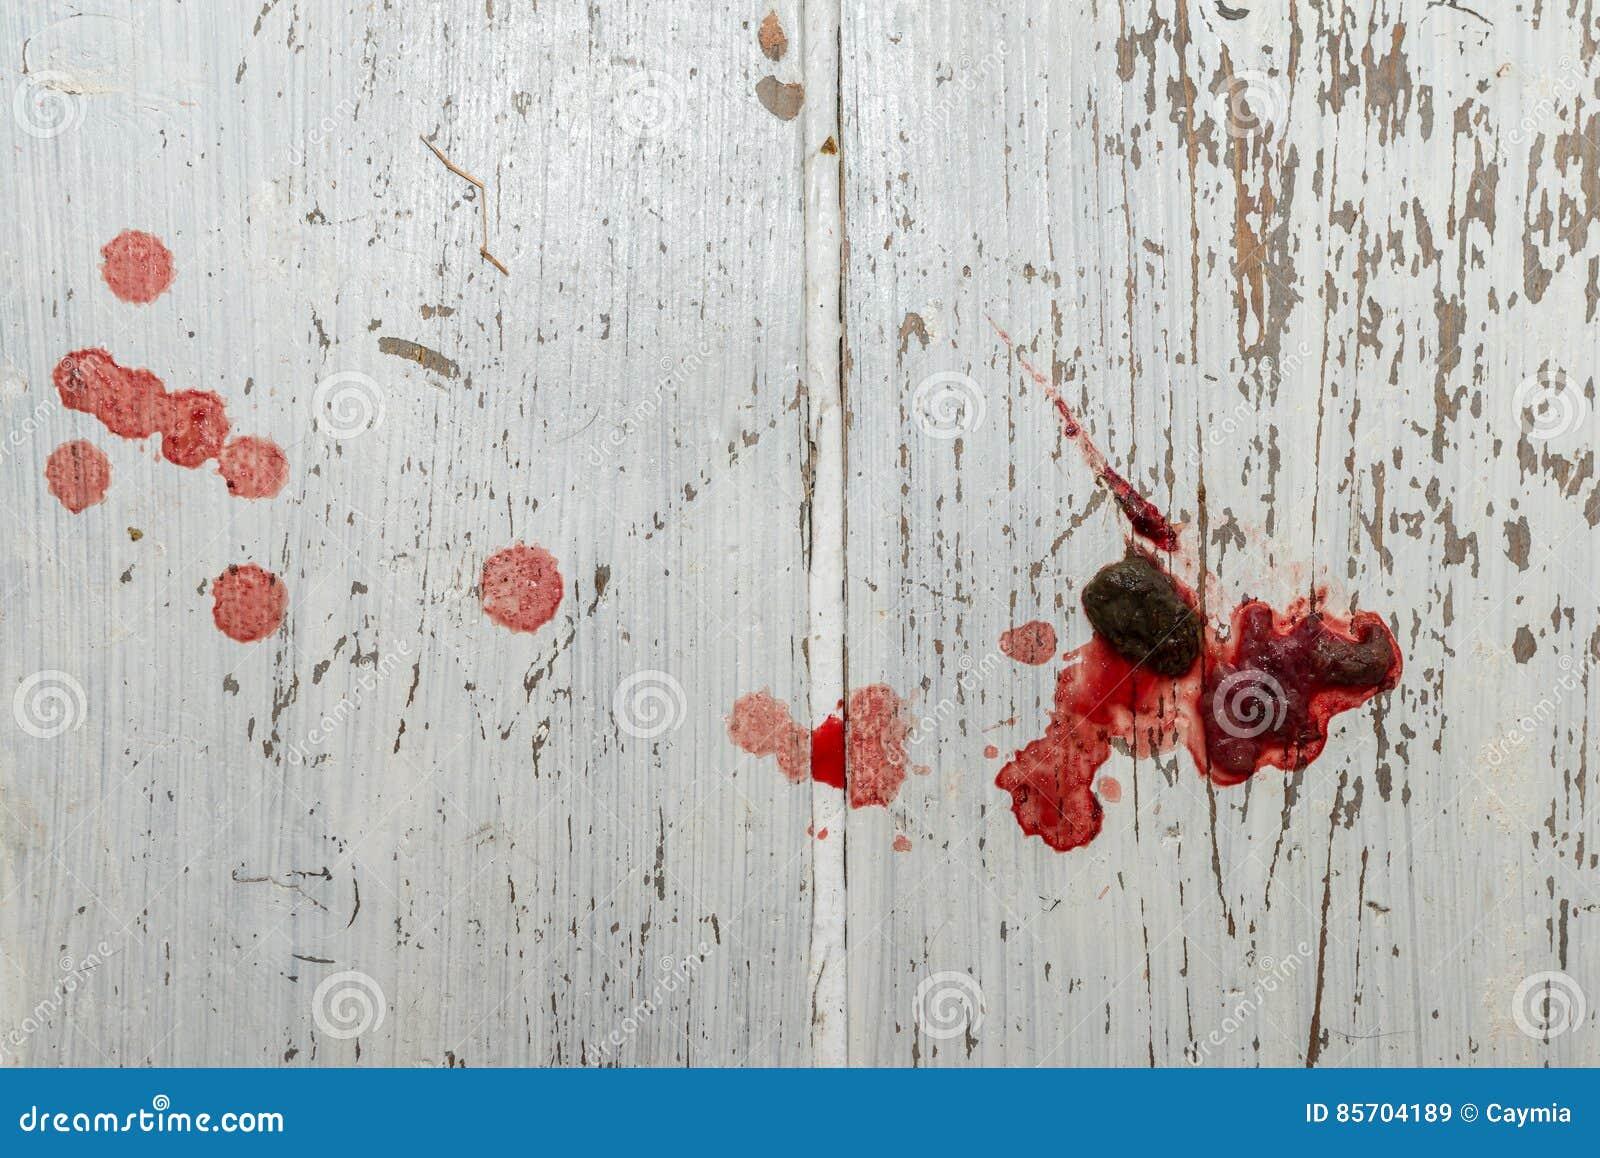 Blod i avföring hund